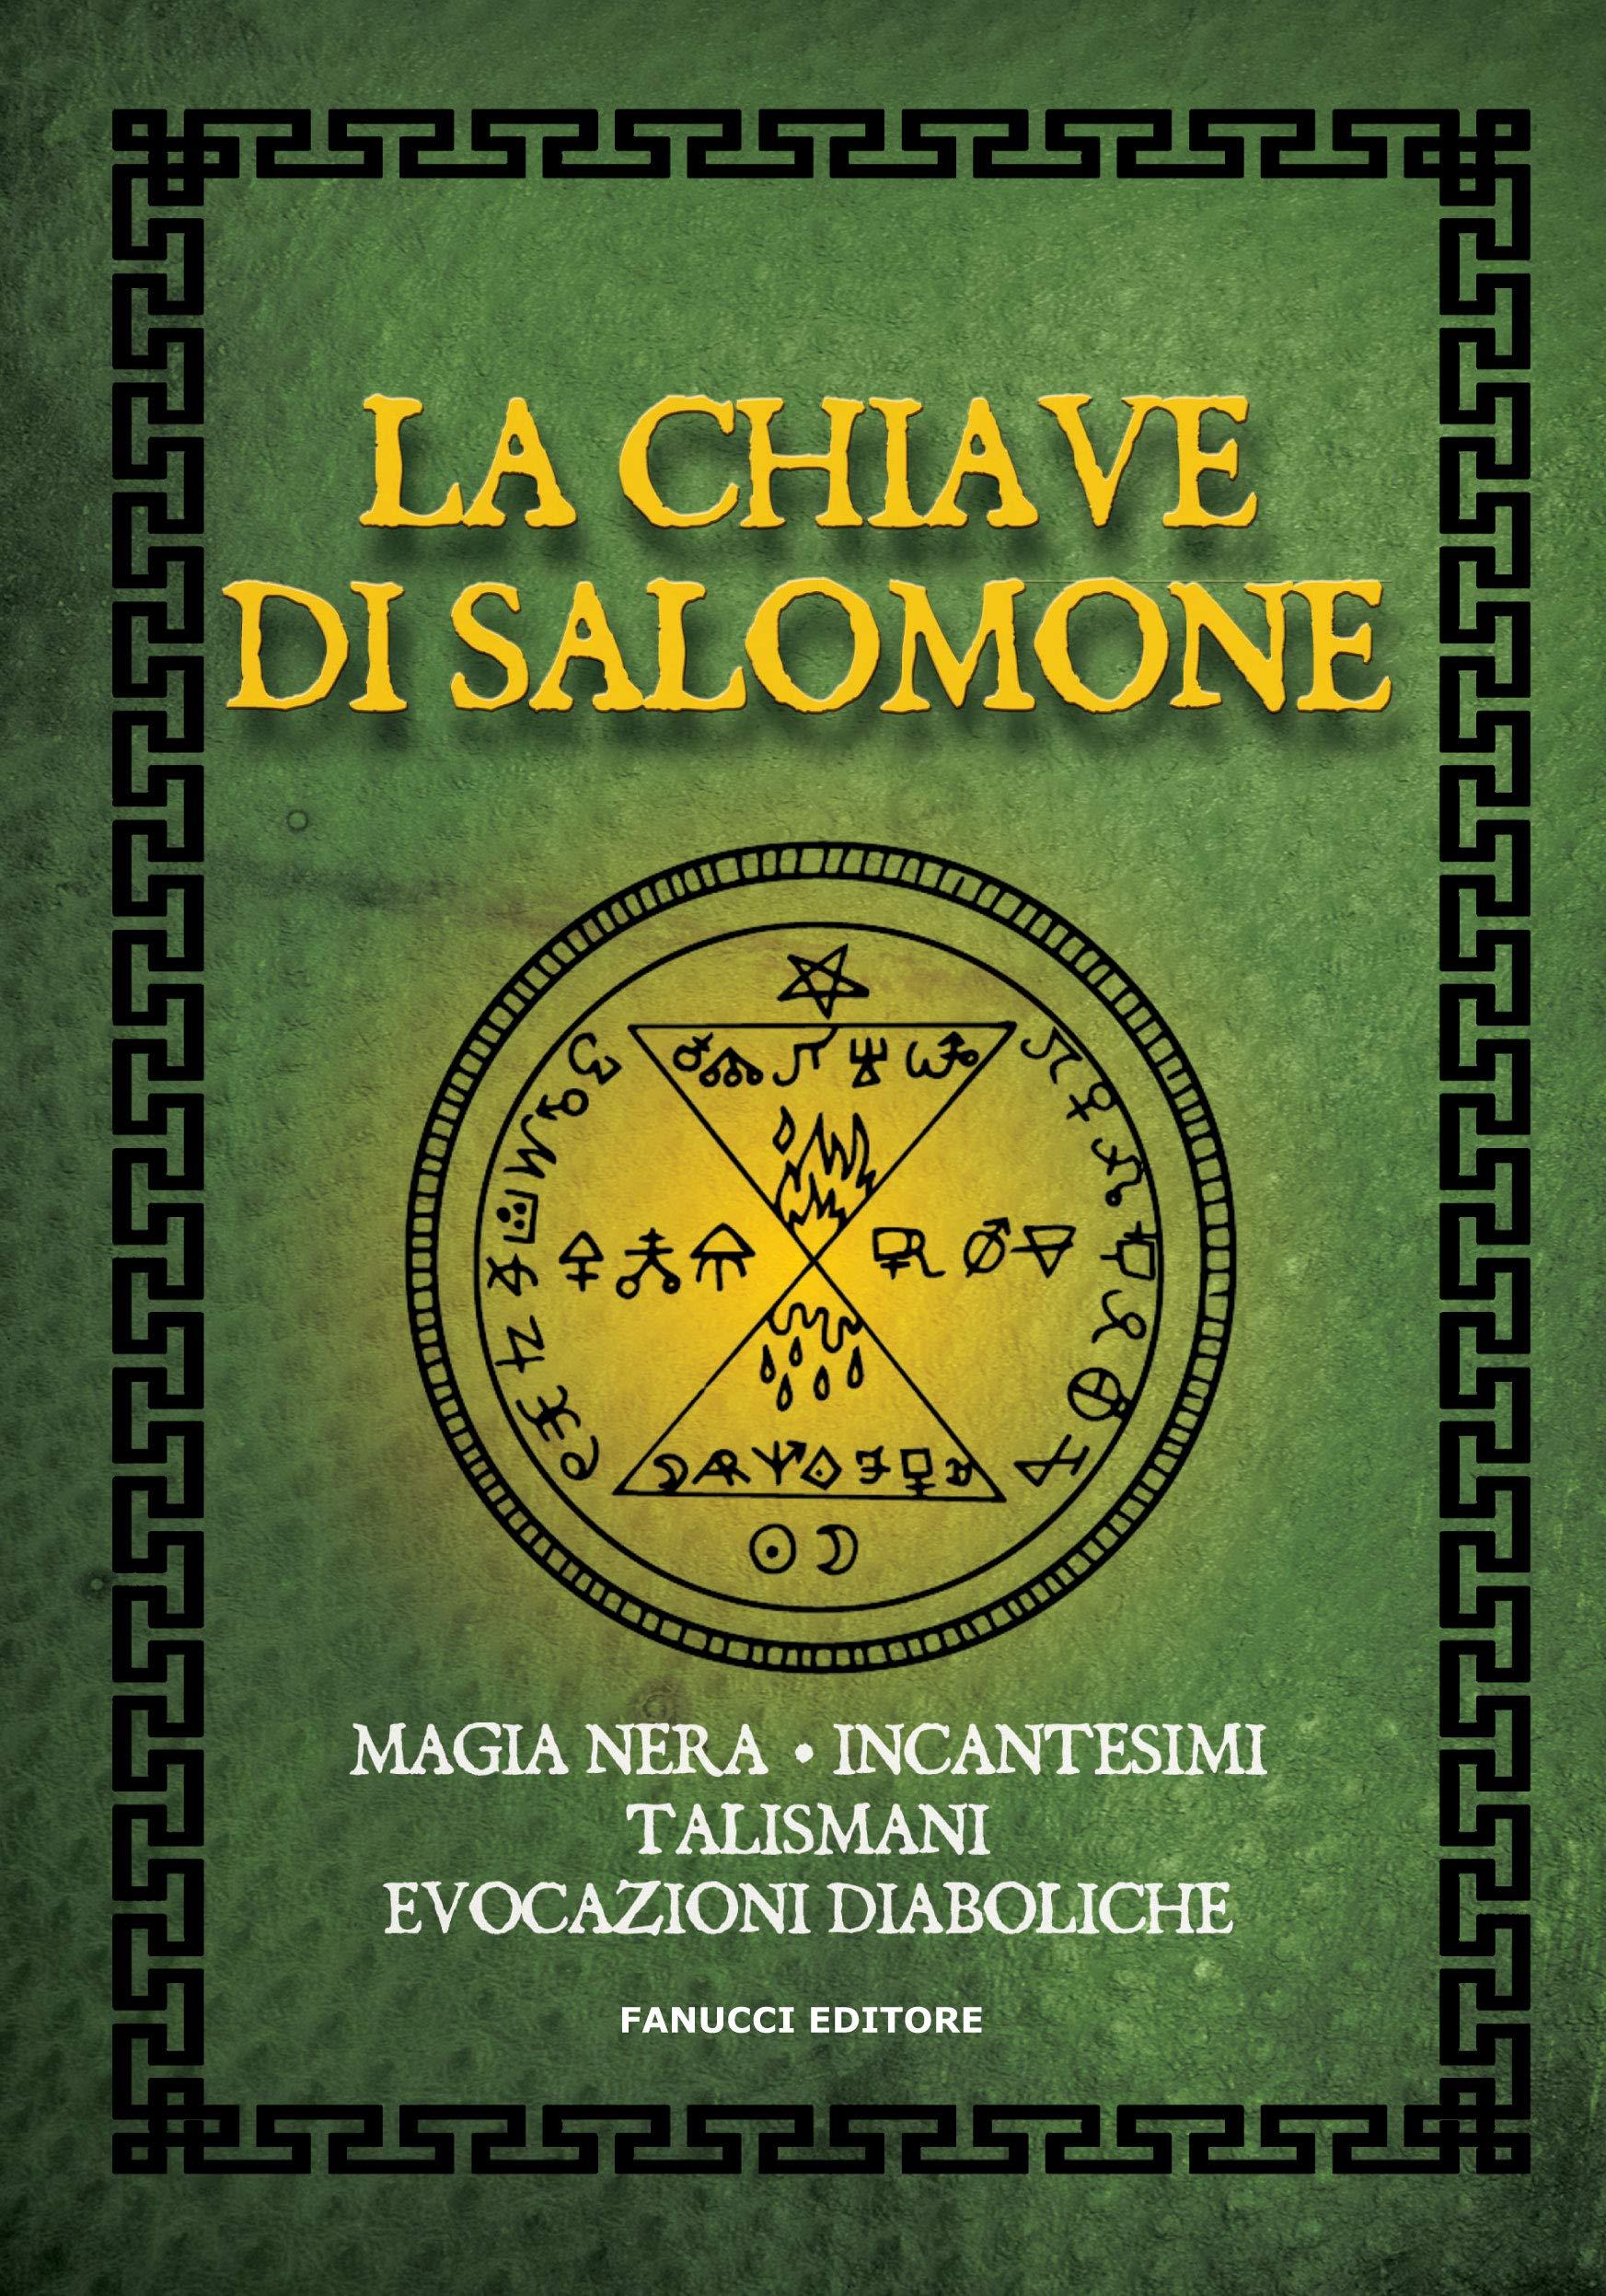 La chiave di Salomone (Fanucci Editore)